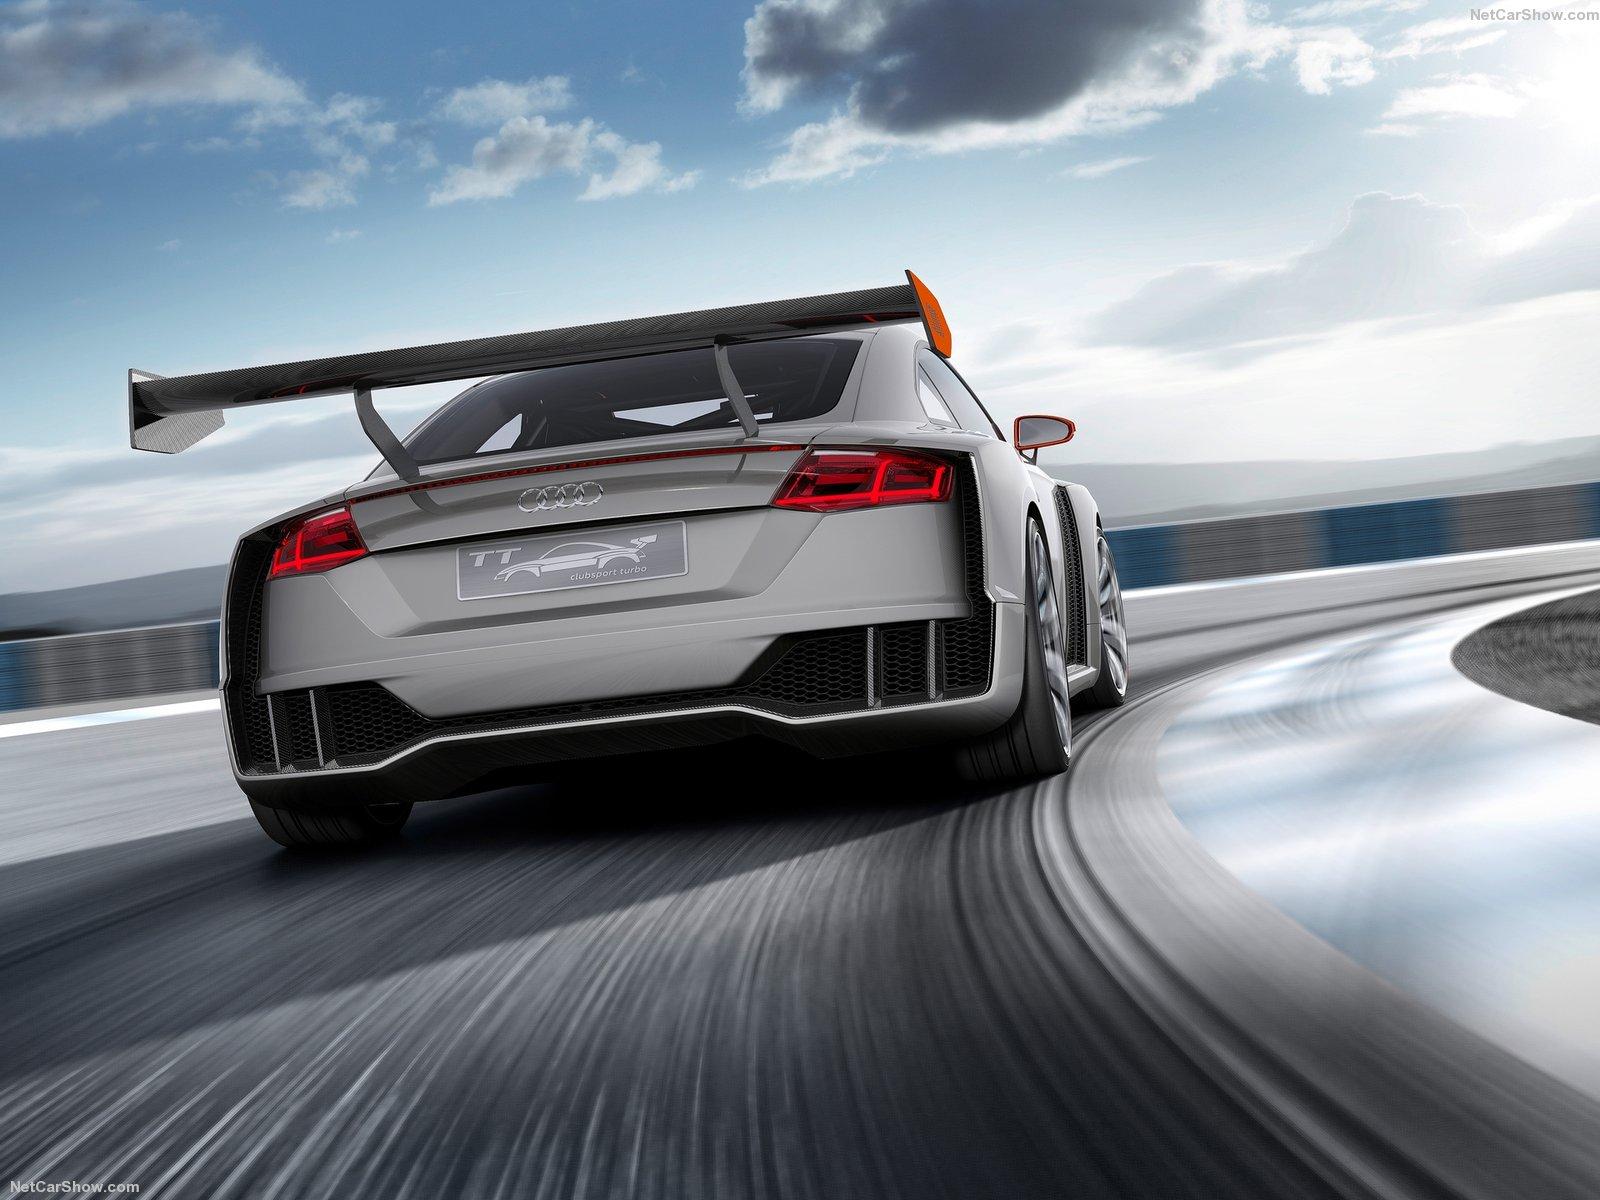 Audi TT Clubsport Turbo concept | Audi TT Mk1 8n Tuning ...